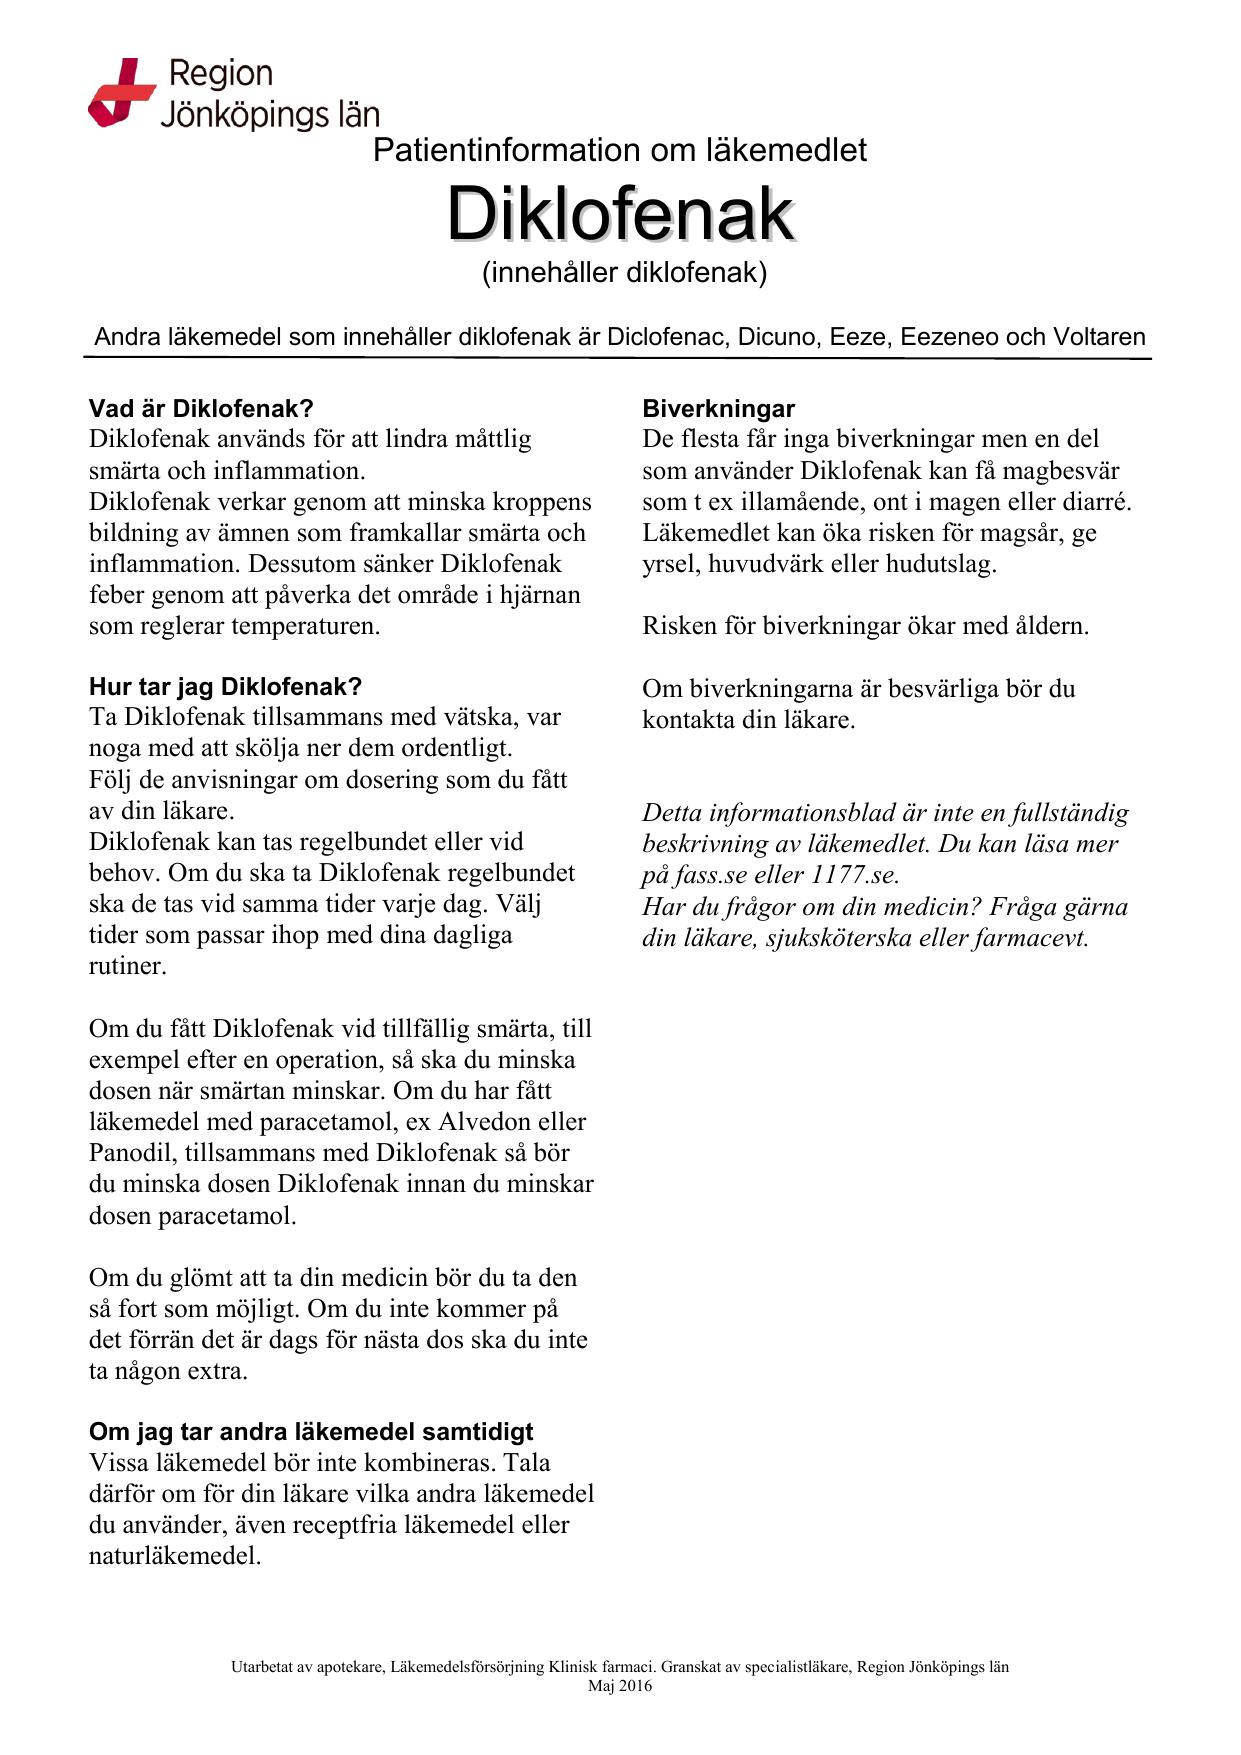 alvedon och diklofenak tillsammans